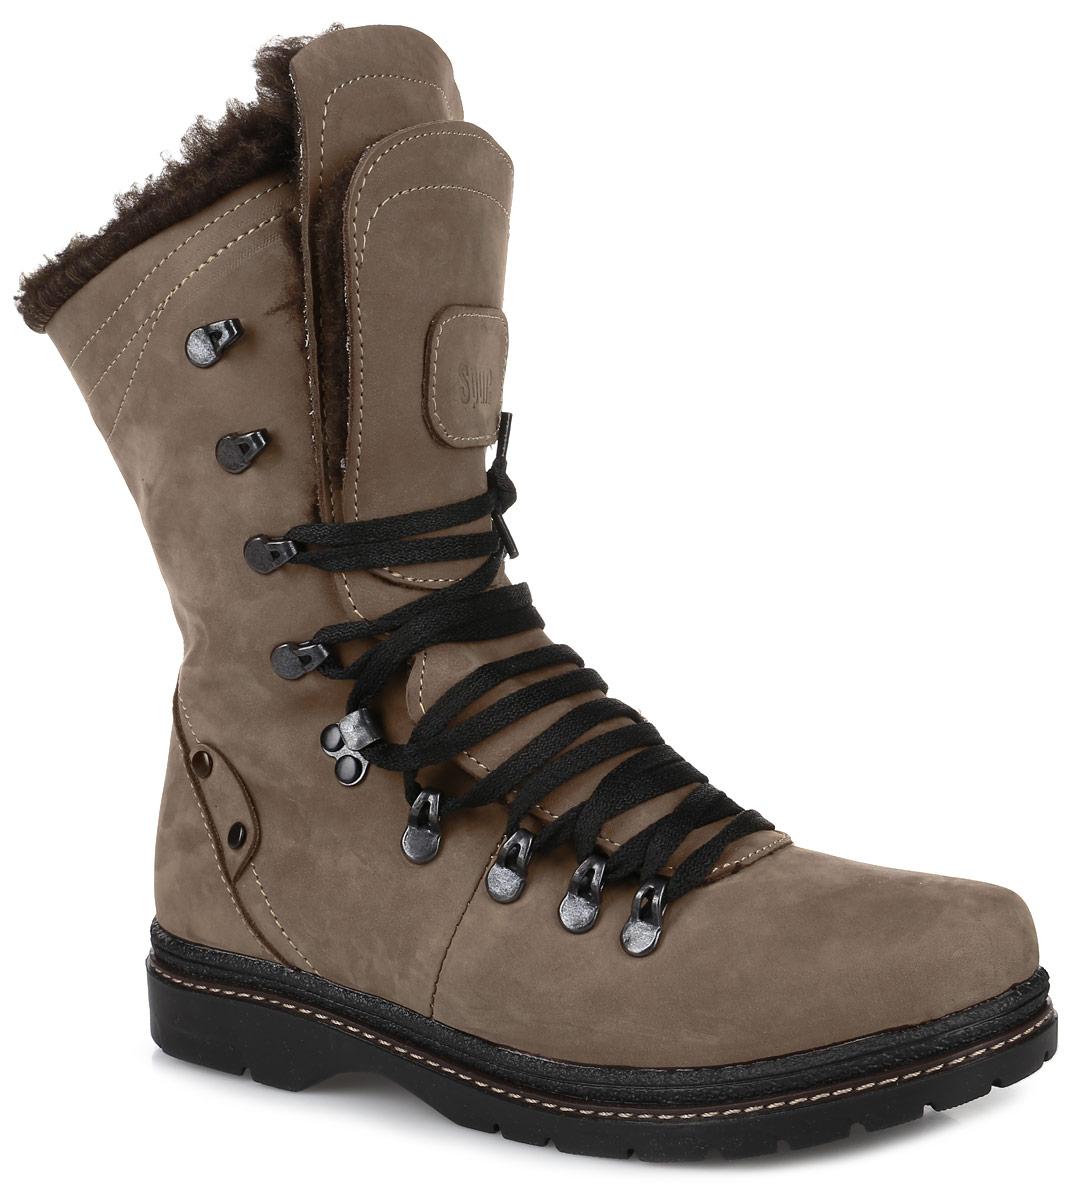 11SI_230_BROWN.NСтильные ботинки Spur, выполненные из натурального нубука, придутся вам по душе. Модель оформлена крупной прострочкой по ранту, двойной язычок декорирован тиснением в виде логотипа бренда, шнурки, продетые через металлические петли, надежно зафиксируют изделие на ноге. Внутренняя поверхность и стелька из натуральной шерсти отлично сохранят тепло, обеспечат комфорт и уют вашим ногам. Массивная подошва из прочного материала гарантирует длительную носку и сцепление с любой поверхностью. Модные ботинки сделают вас ярче и подчеркнут индивидуальность.